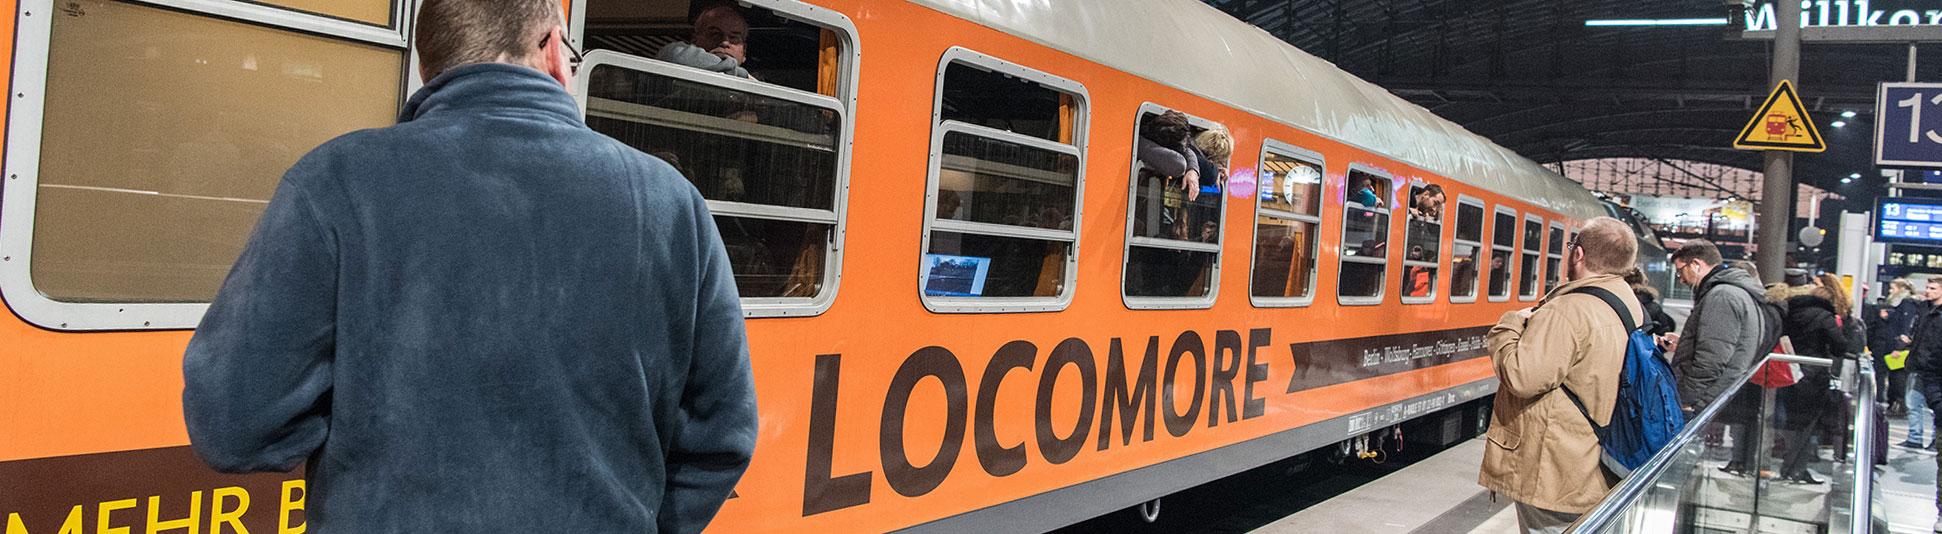 Ein orangefarbener Zug steht im Bahnhof. Aus einzelnen Fenster schauen Fahrgäste raus. Auf dem Zug steht Locomore; Foto: Bild York Christoph Riccius